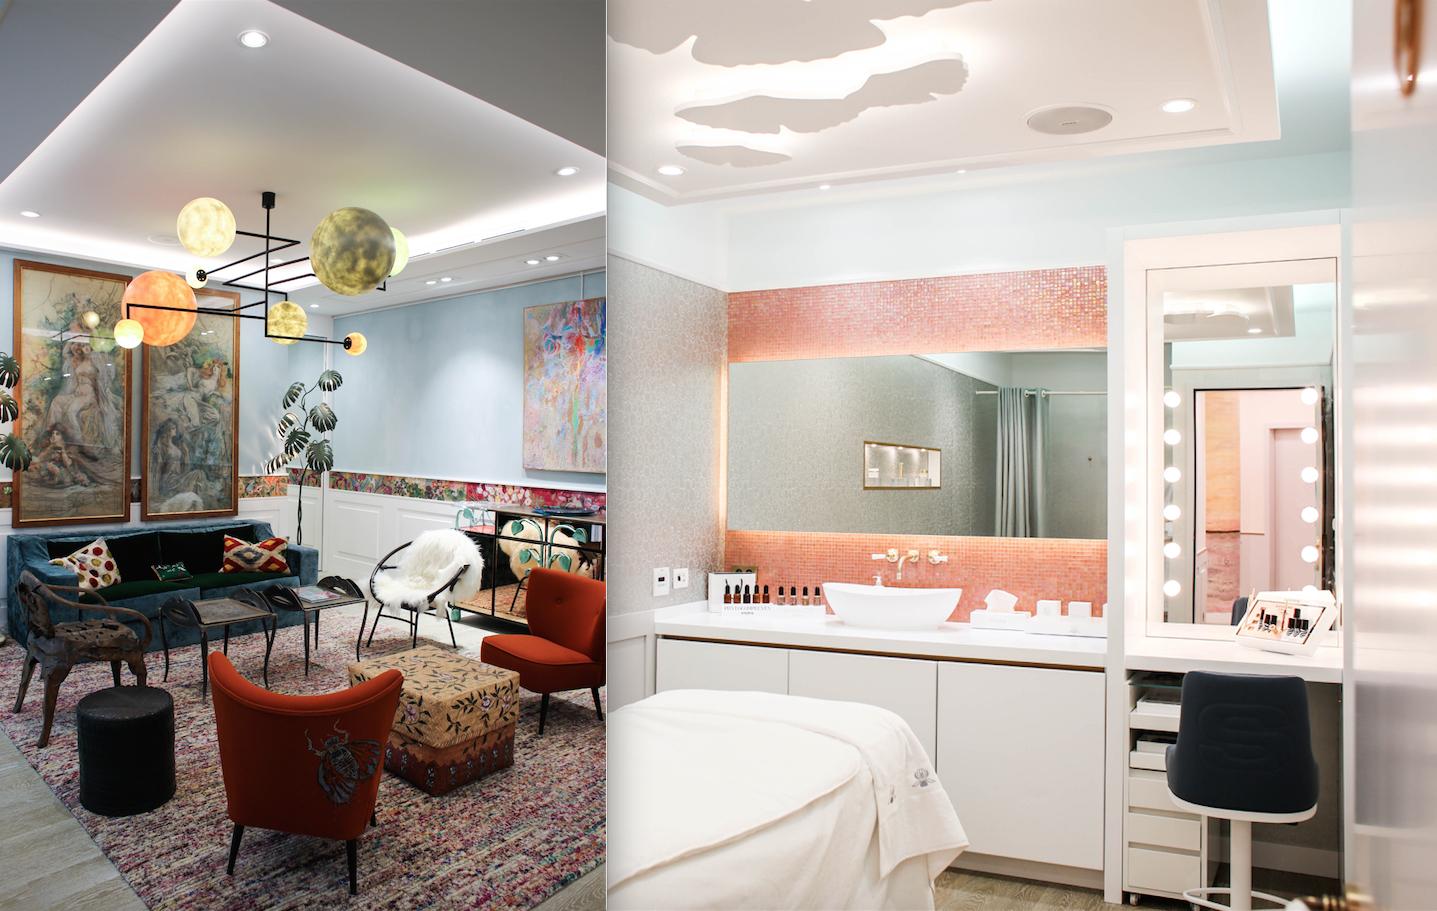 Sisleys nye Maison i Paris